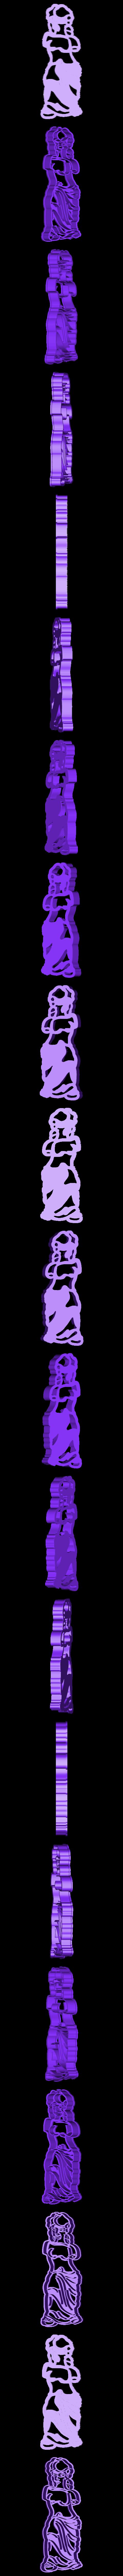 venus de jalea cookie.stl Download STL file Simpsons Gummy Venus De Milo venus jelly cookie cutter • Model to 3D print, PatricioVazquez